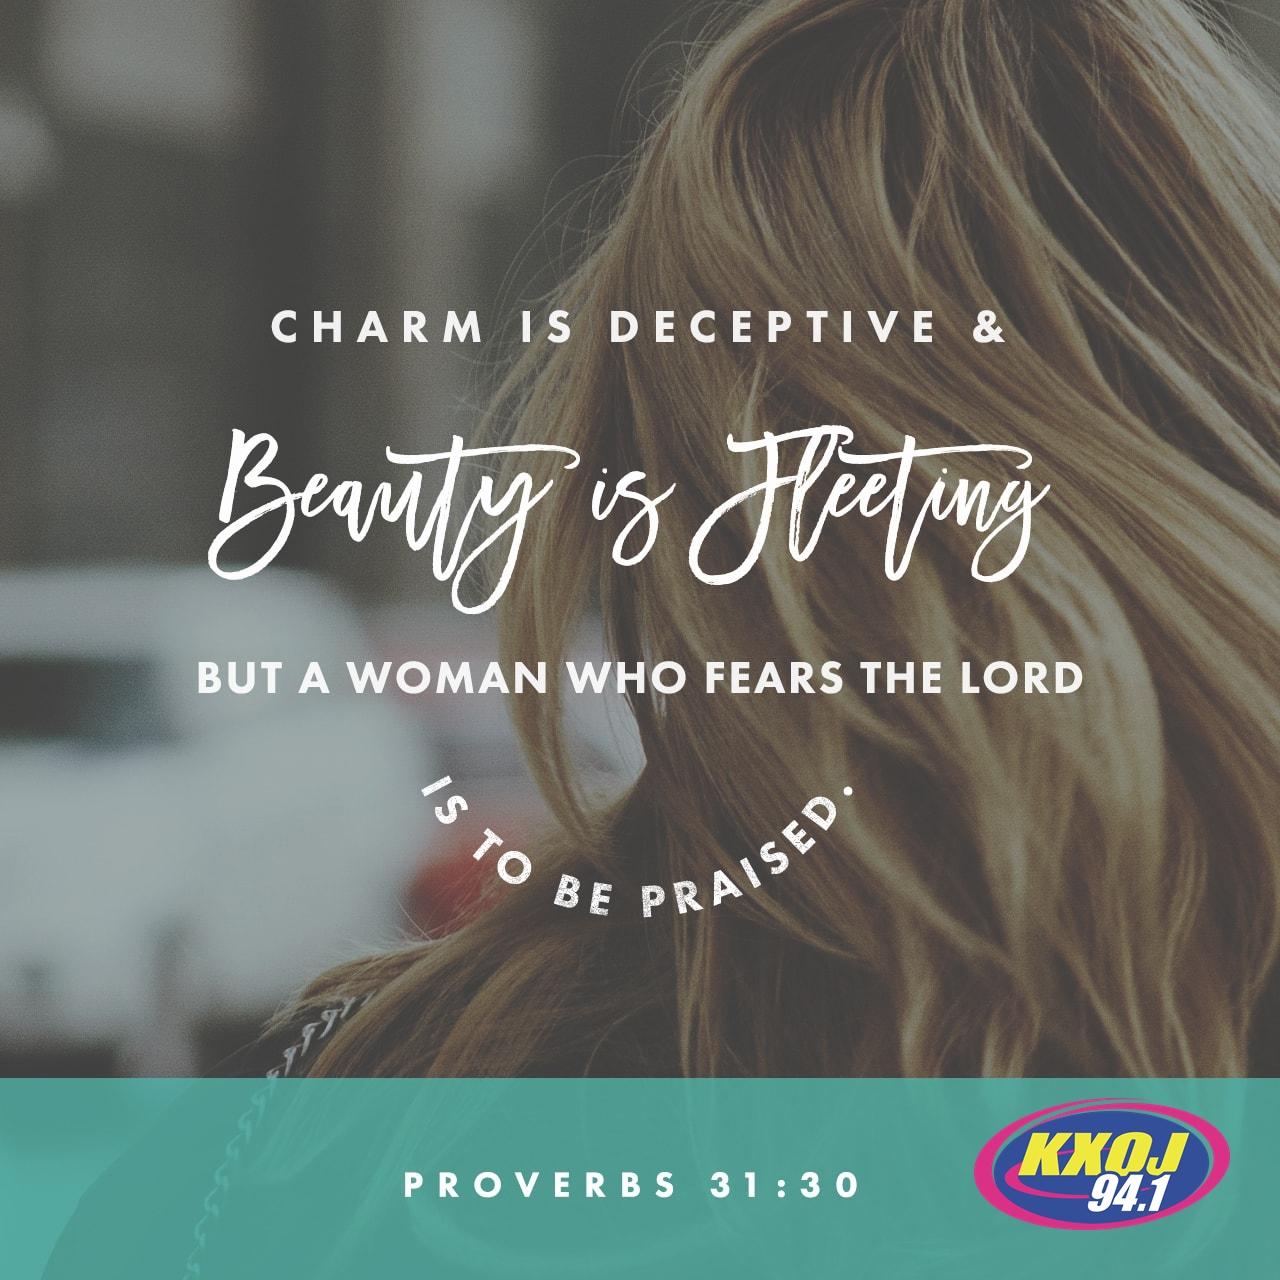 April 4th - Proverbs 31:30